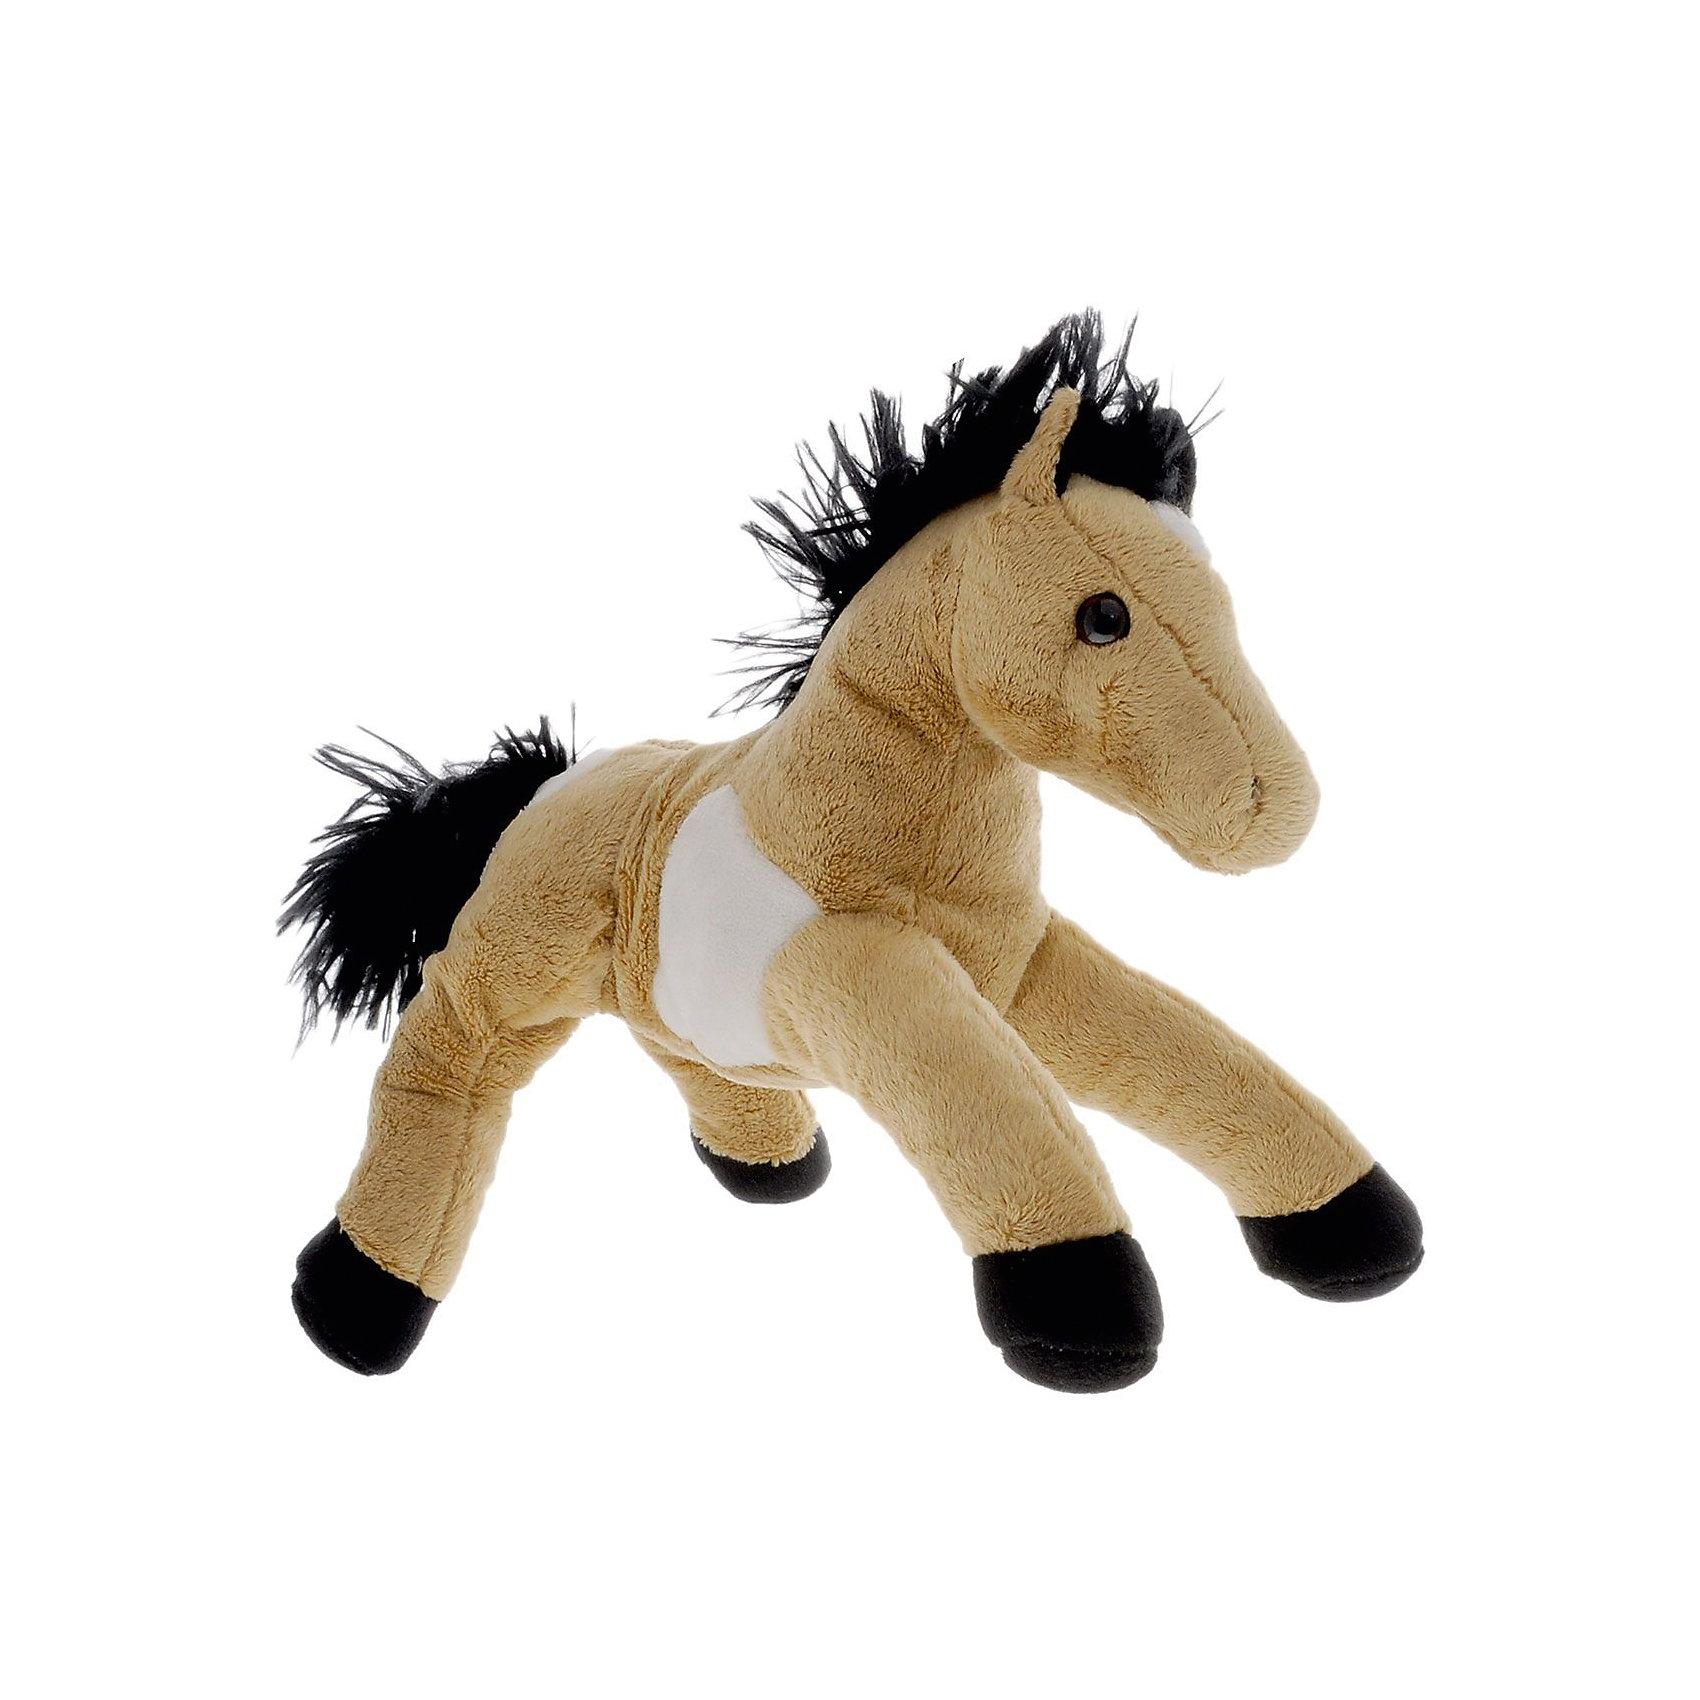 Пятнистая лошадь, FancyМилая пятнистая лошадка всегда будет с Вашим ребенком! С ней можно играть, спать или брать с собой на прогулку.<br>Порадуйте ребенка таким милым подарком!<br><br>Дополнительная информация: <br><br>- Возраст: от 3 лет.<br>- Материал: плюш, наполнитель, текстиль, пластик.<br>- Размер упаковки: 13х14х31 см.<br>- Вес в упаковке: 85 г.<br><br>Купить пятнистую лошадь от Fancy, можно в нашем магазине.<br><br>Ширина мм: 130<br>Глубина мм: 140<br>Высота мм: 310<br>Вес г: 85<br>Возраст от месяцев: 36<br>Возраст до месяцев: 2147483647<br>Пол: Унисекс<br>Возраст: Детский<br>SKU: 5025382